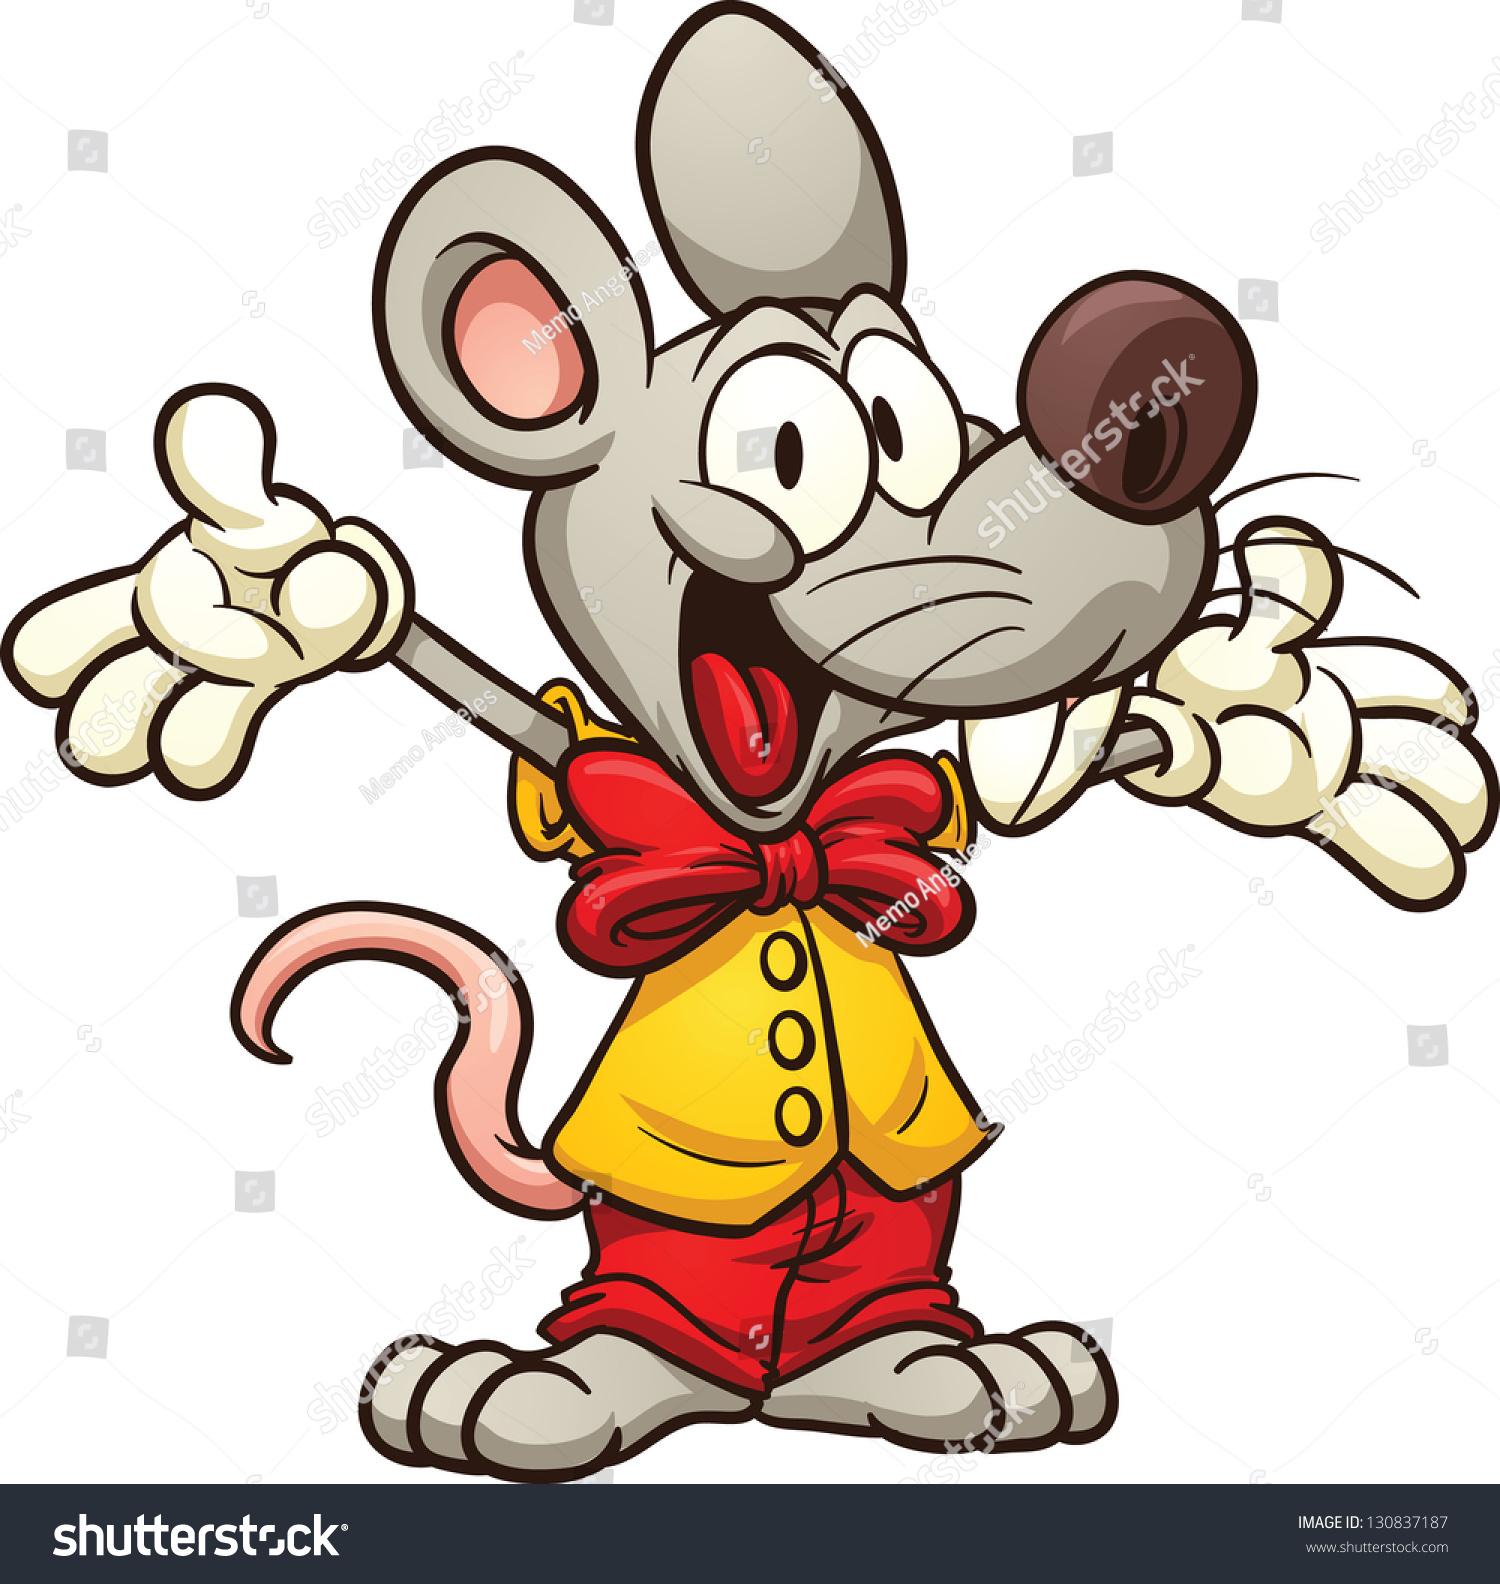 可爱的卡通老鼠戴着领结.使用简单的梯度向量剪贴画.